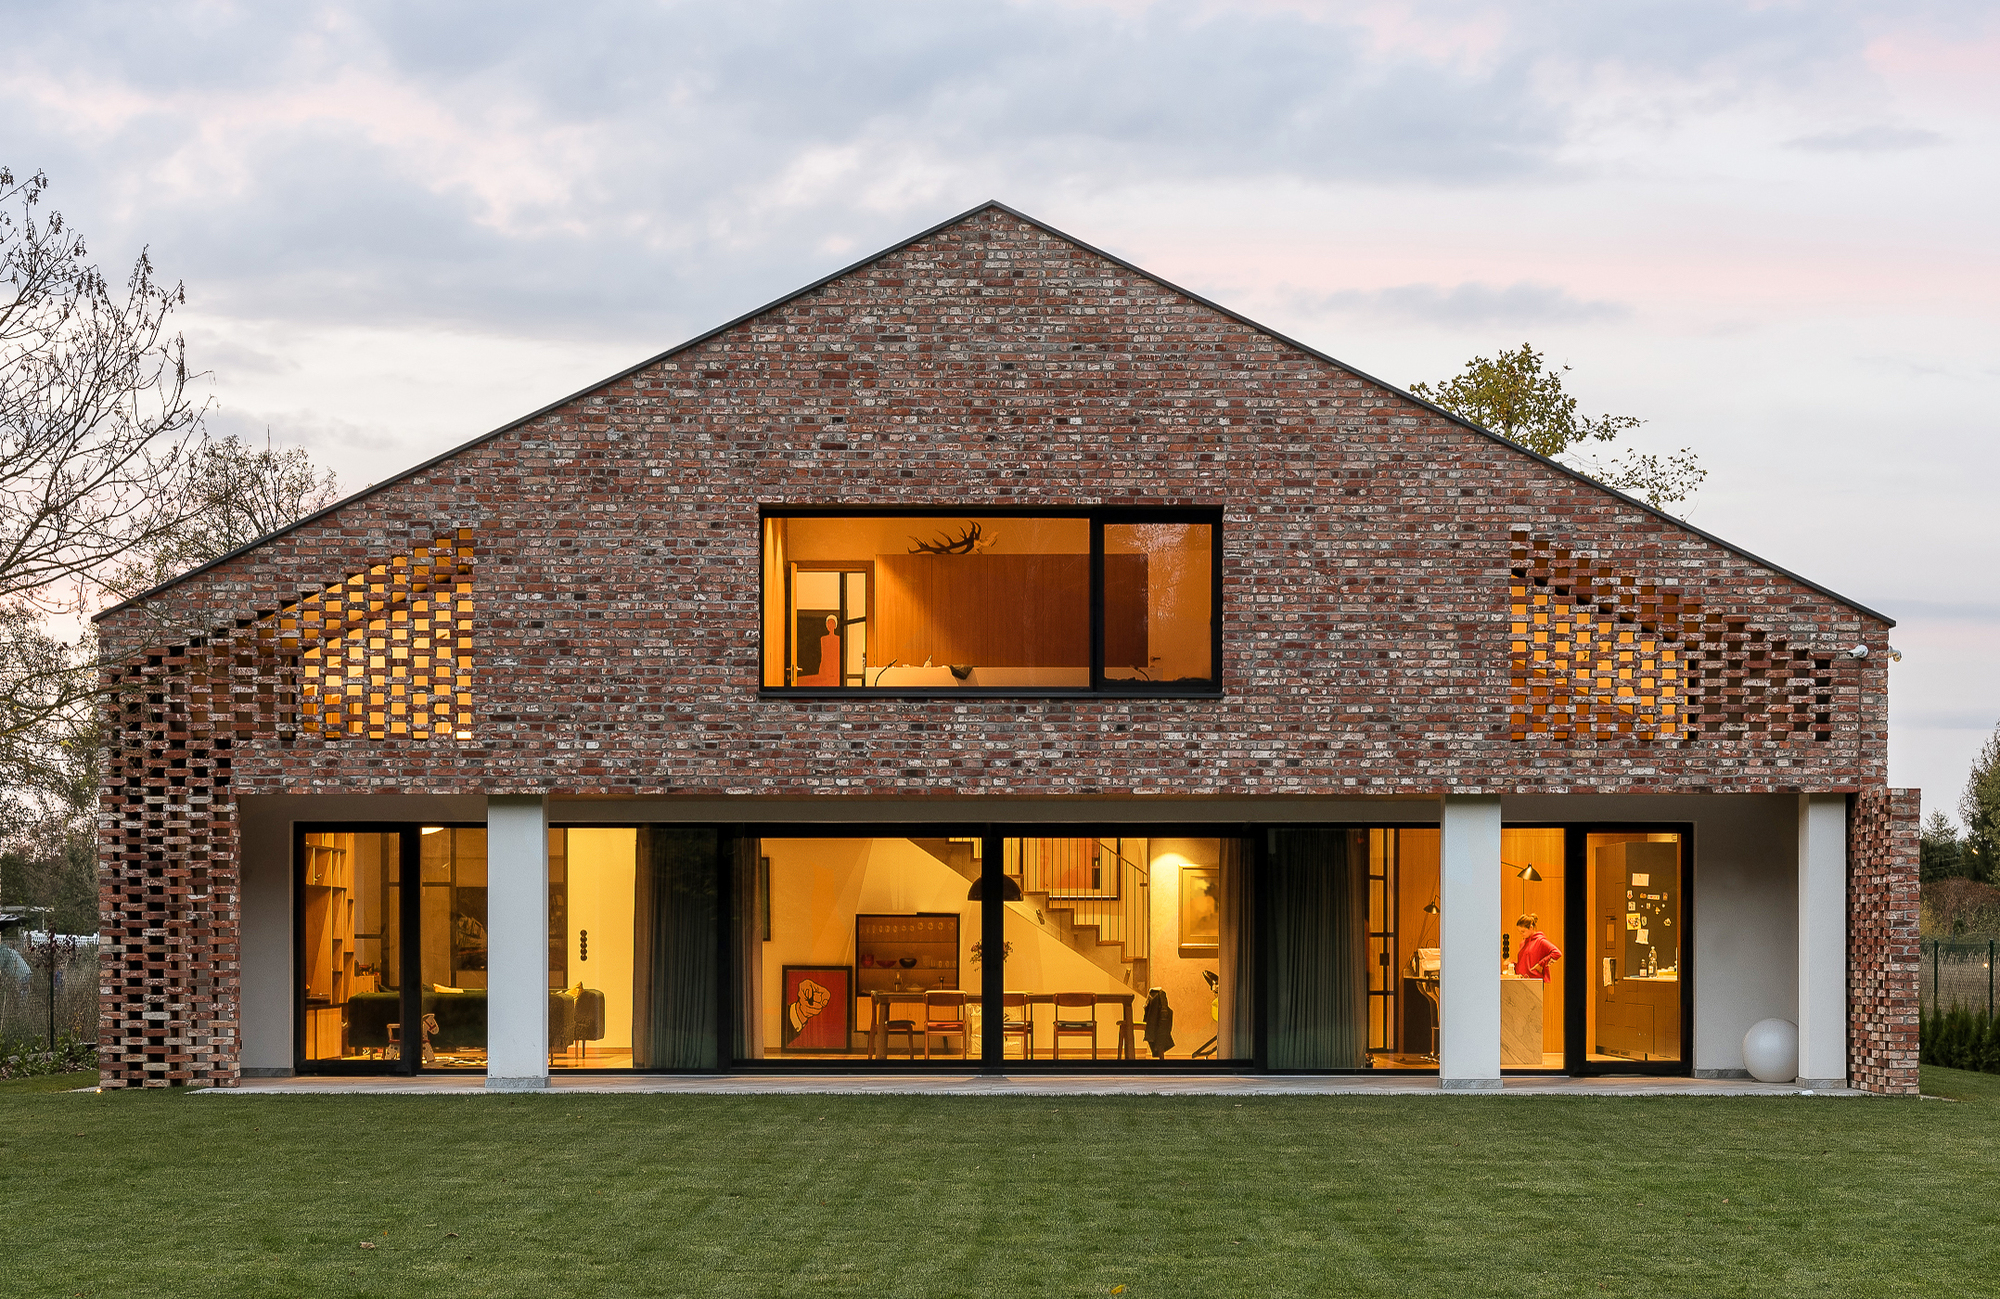 Old Brick New House Wrzeszcz Architekci Archdaily